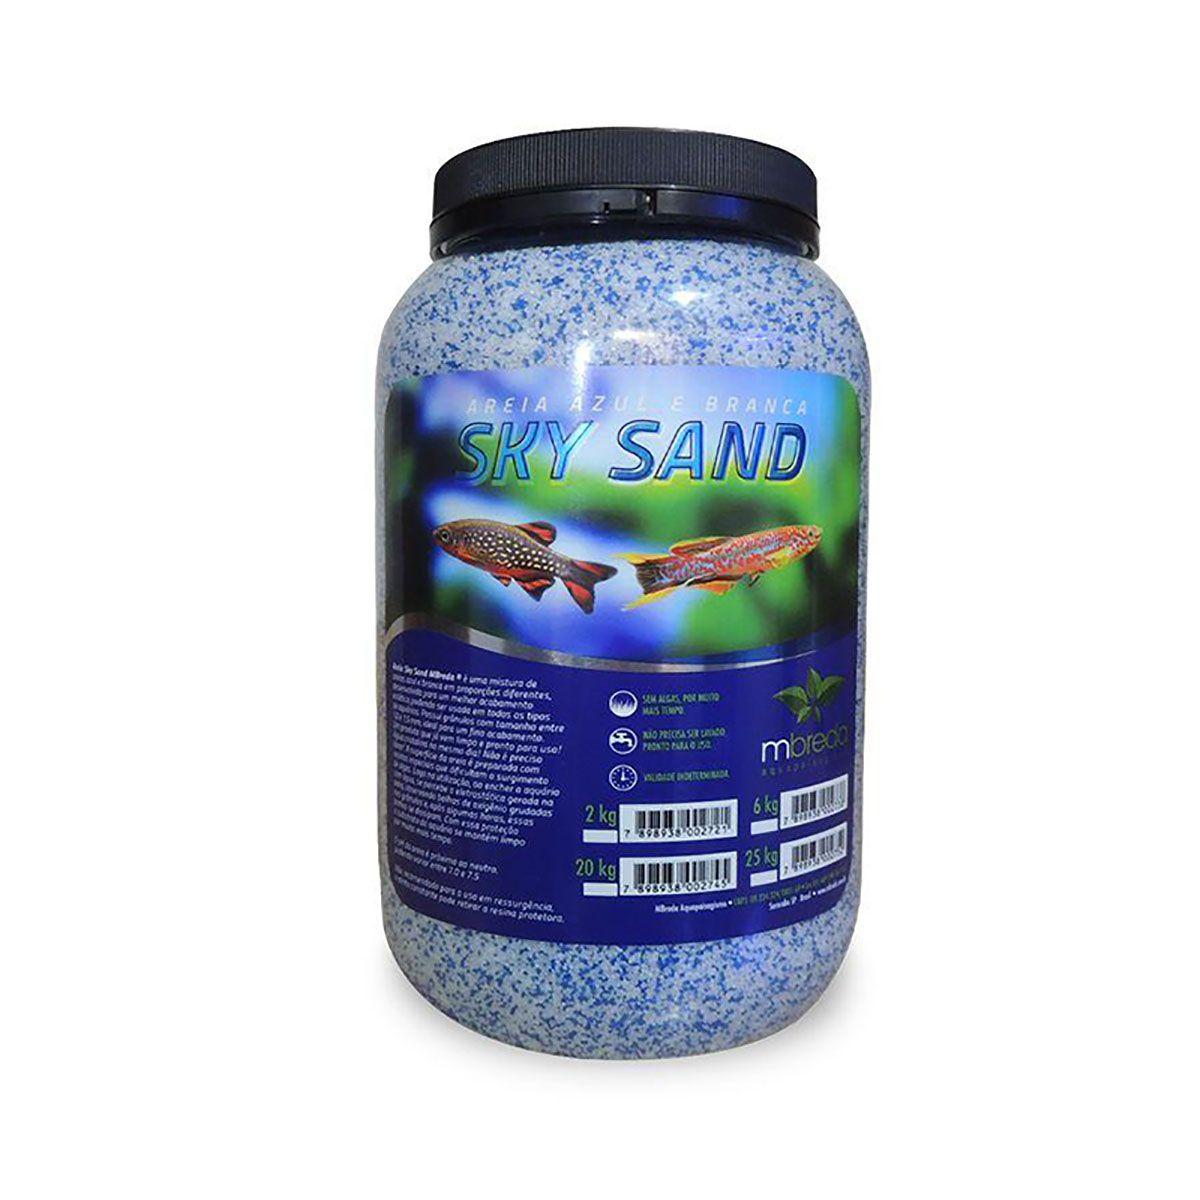 Sky Sand Areia Branca e Azul Mbreda - Pote 6Kg